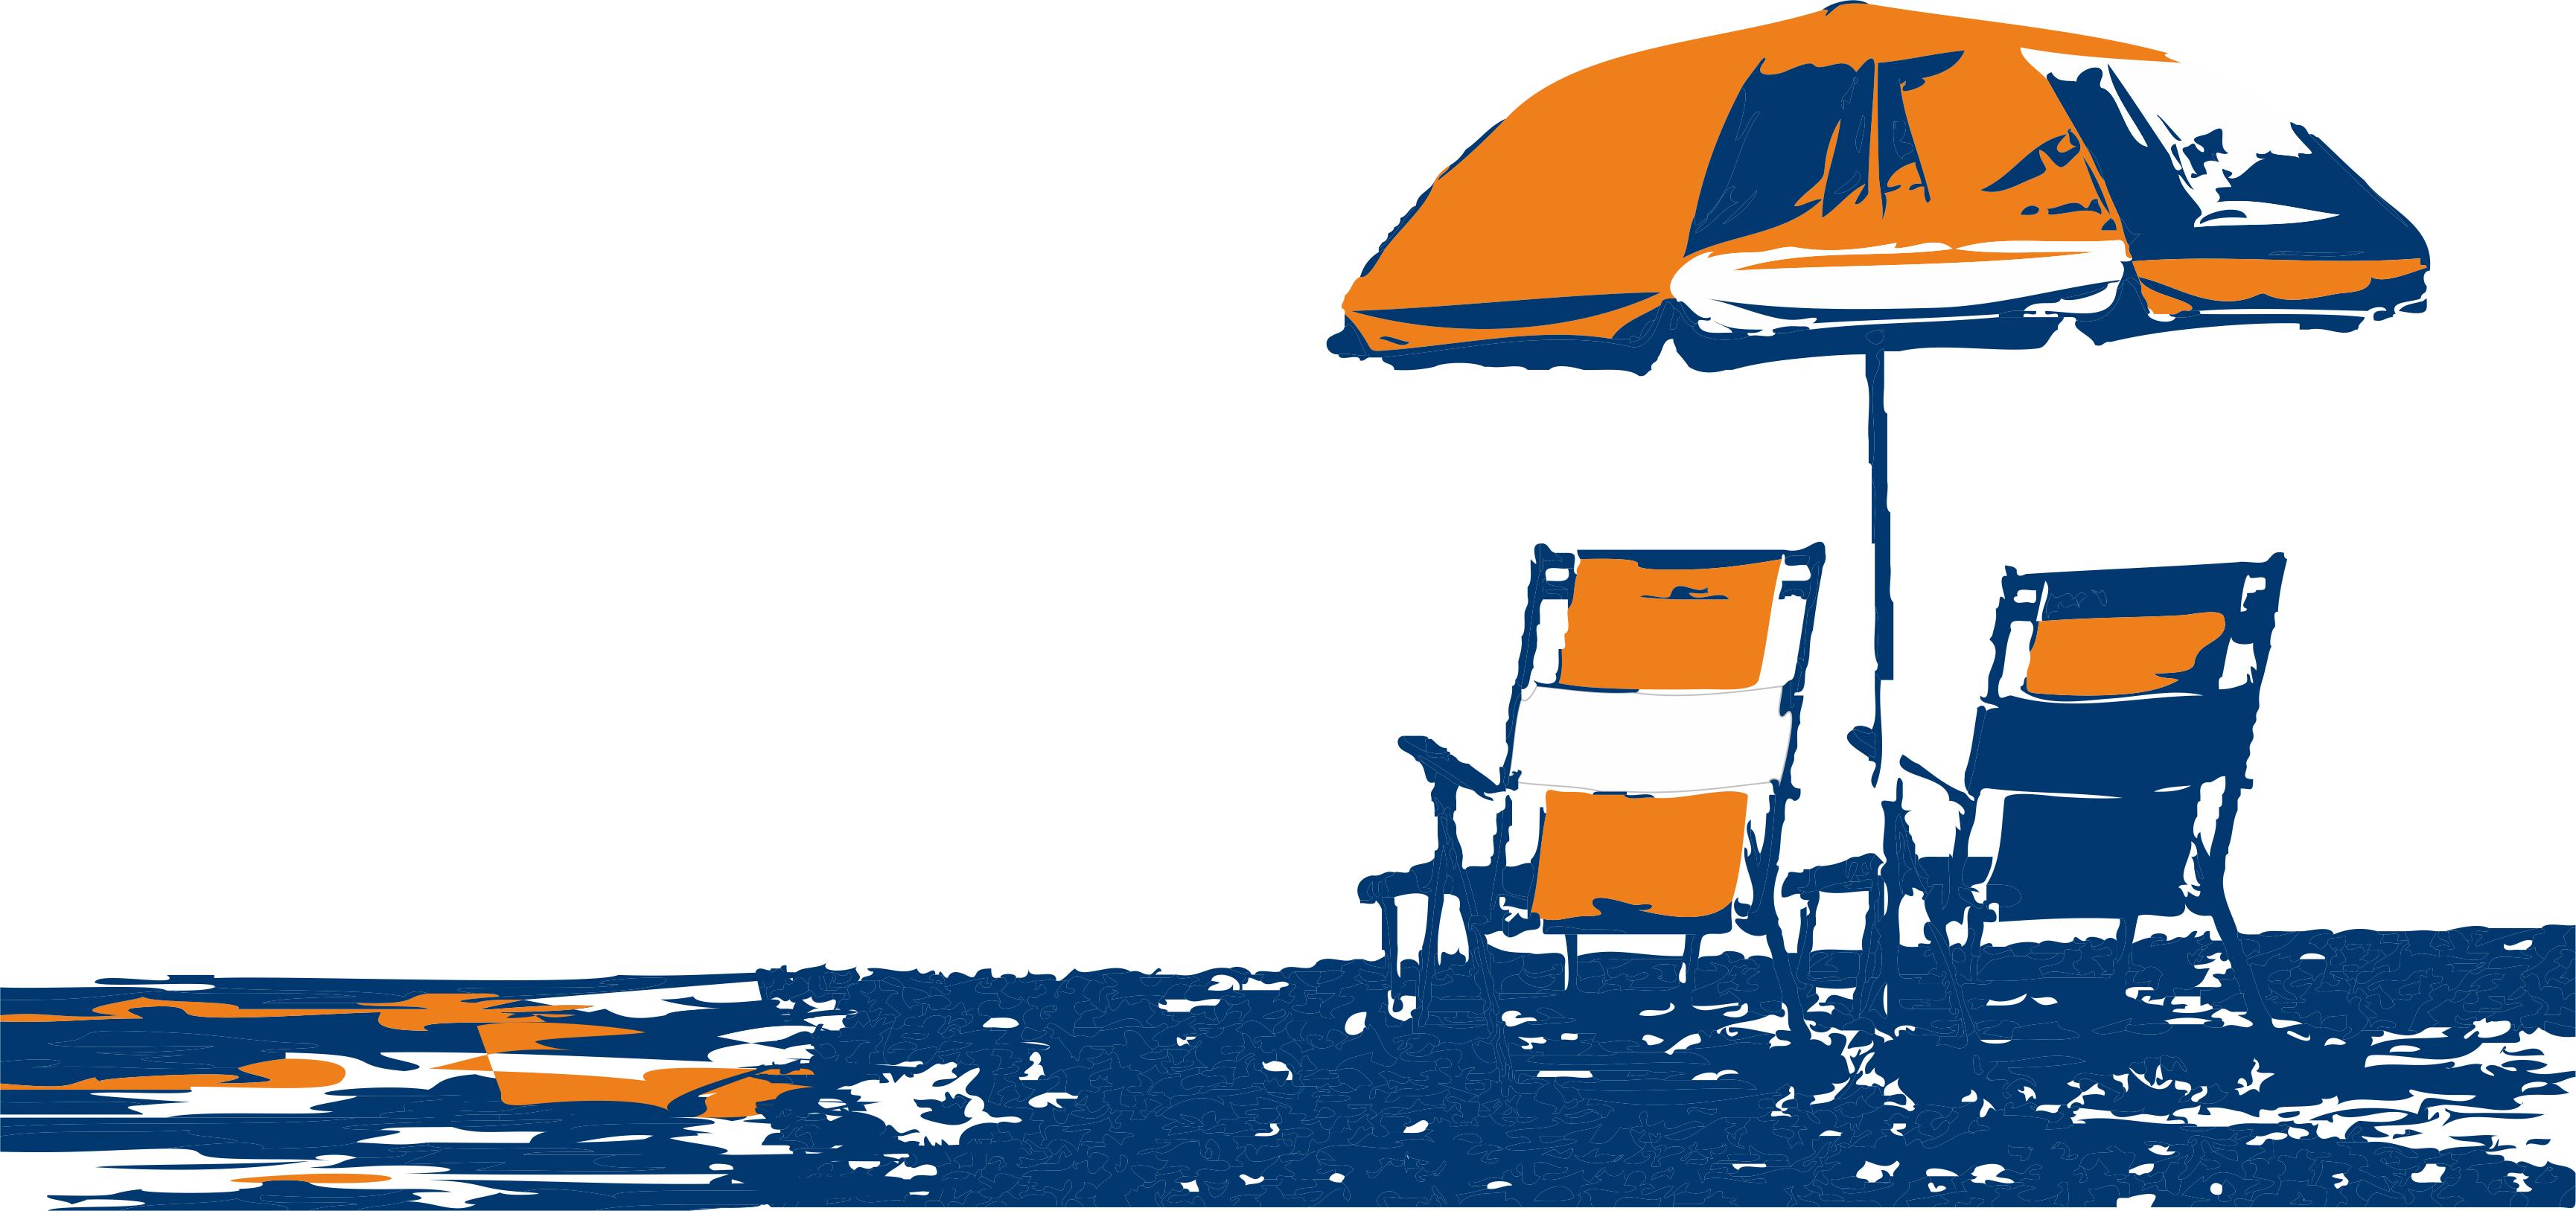 NEWS - Summer holidays